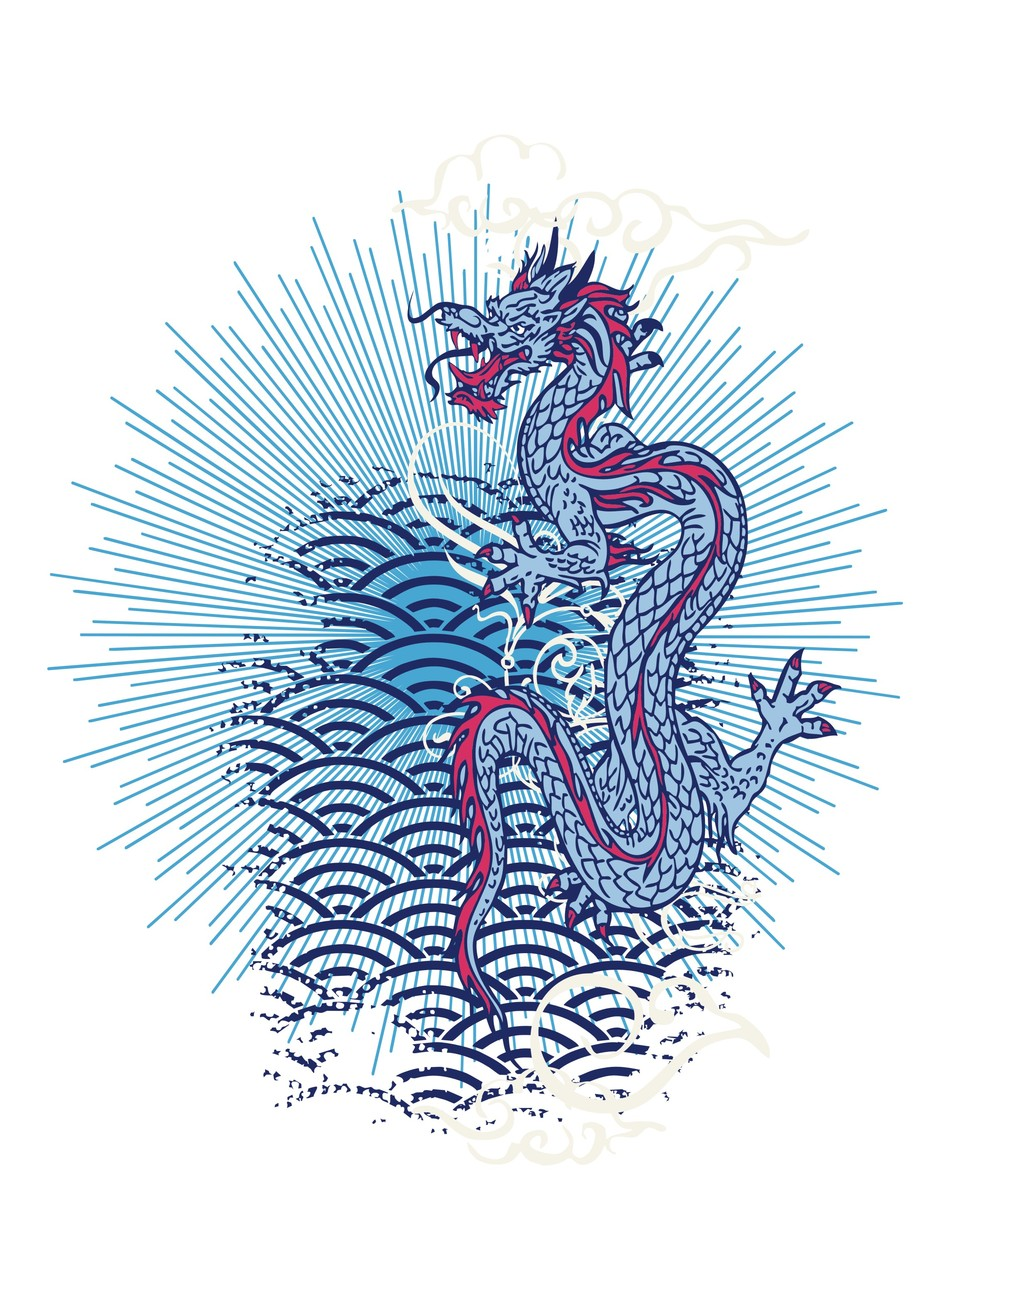 中国传统图案龙插画装饰画图片设计素材 高清其他模板下载 1.66MB 图片